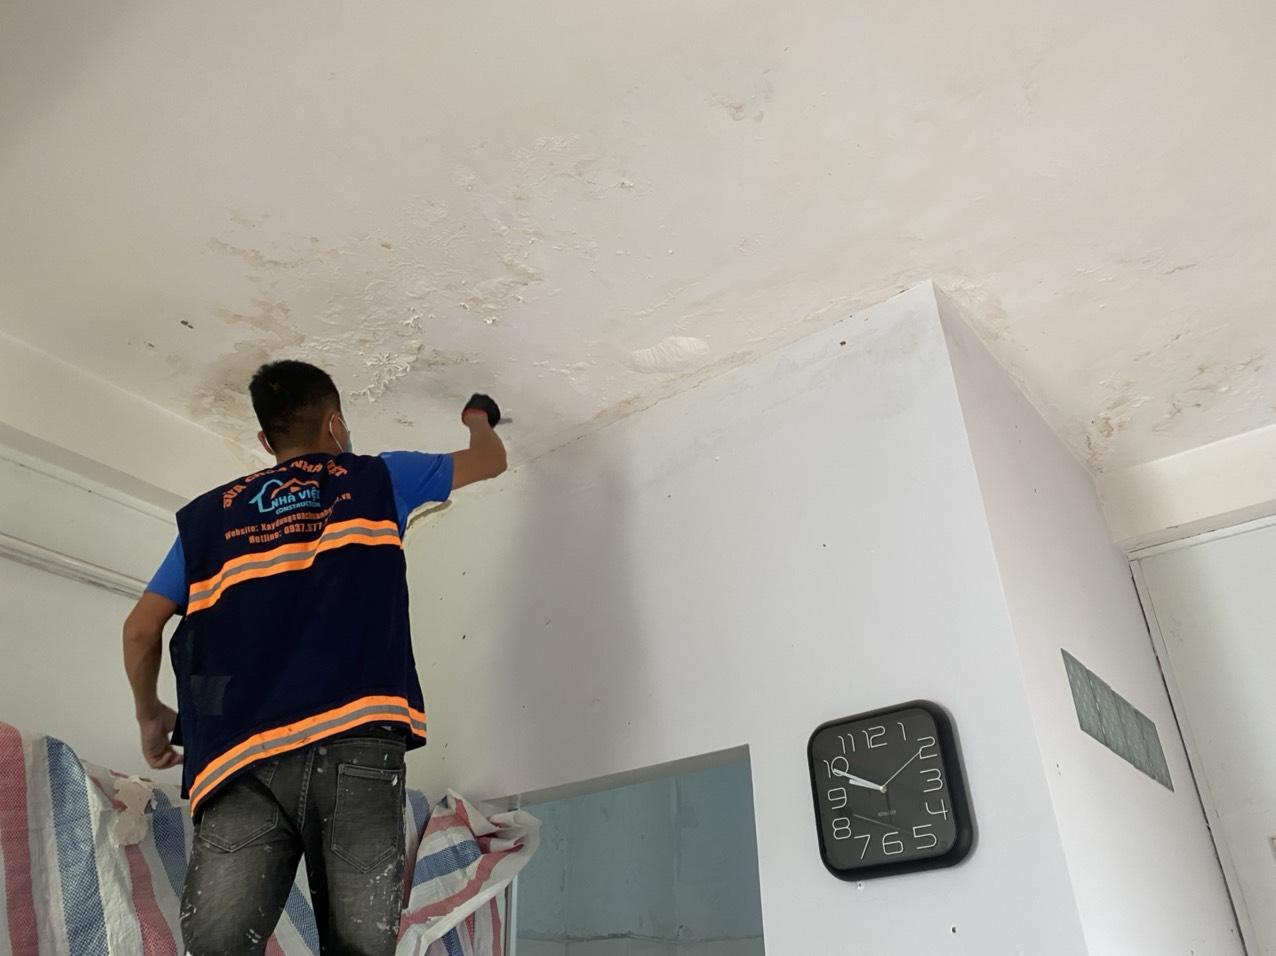 xu ly chong tham tran nha 3 - Dịch vụ sửa chữa nhà nhanh 24h